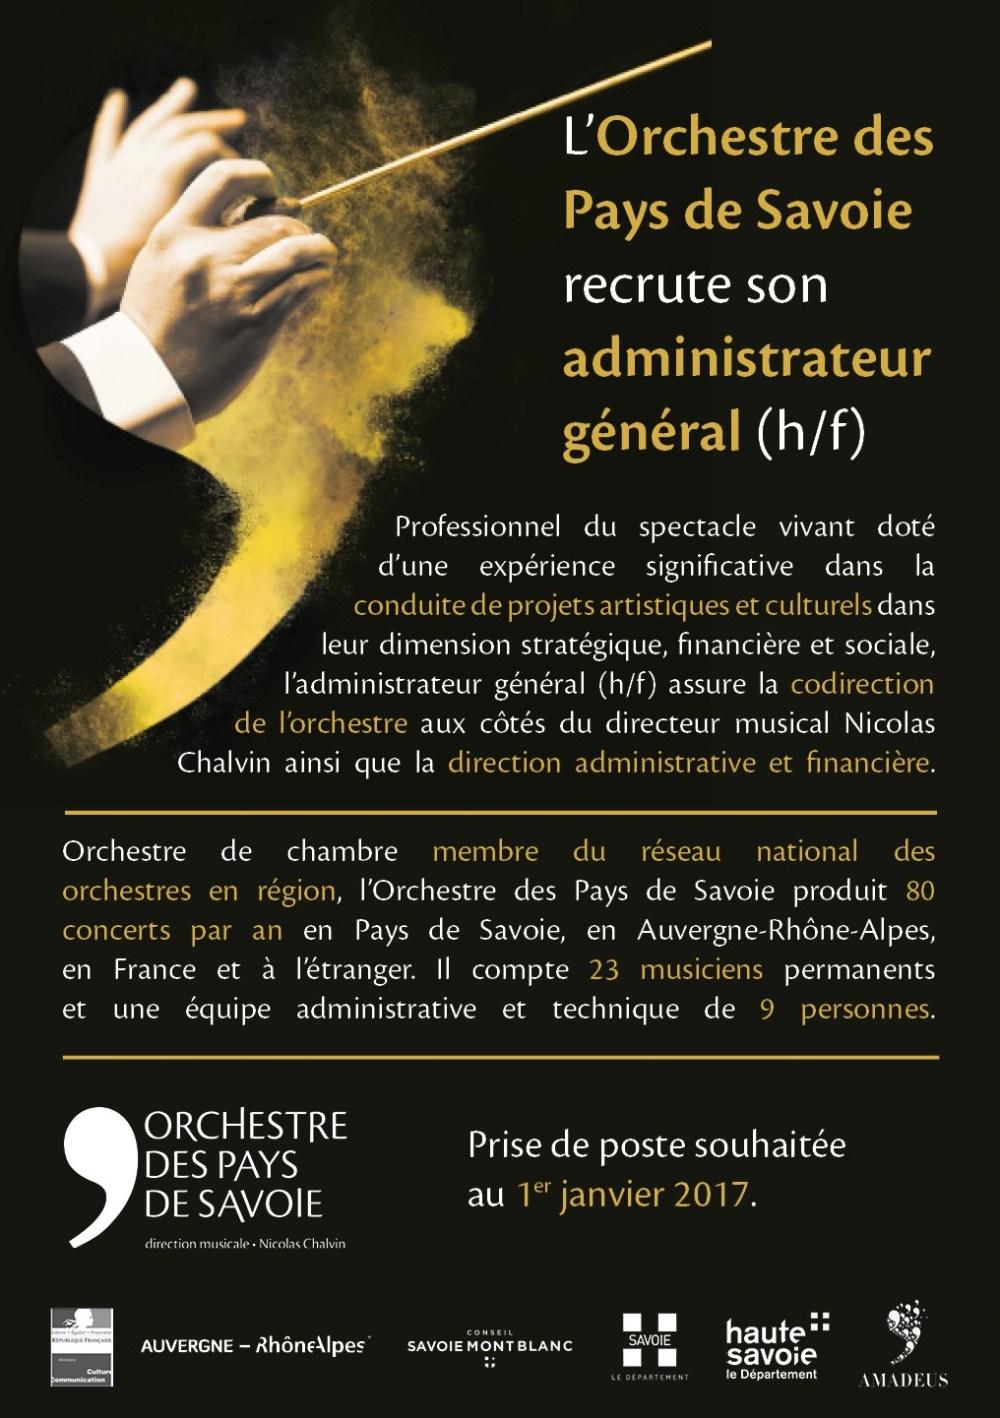 Orchestre des Pays de Savoei